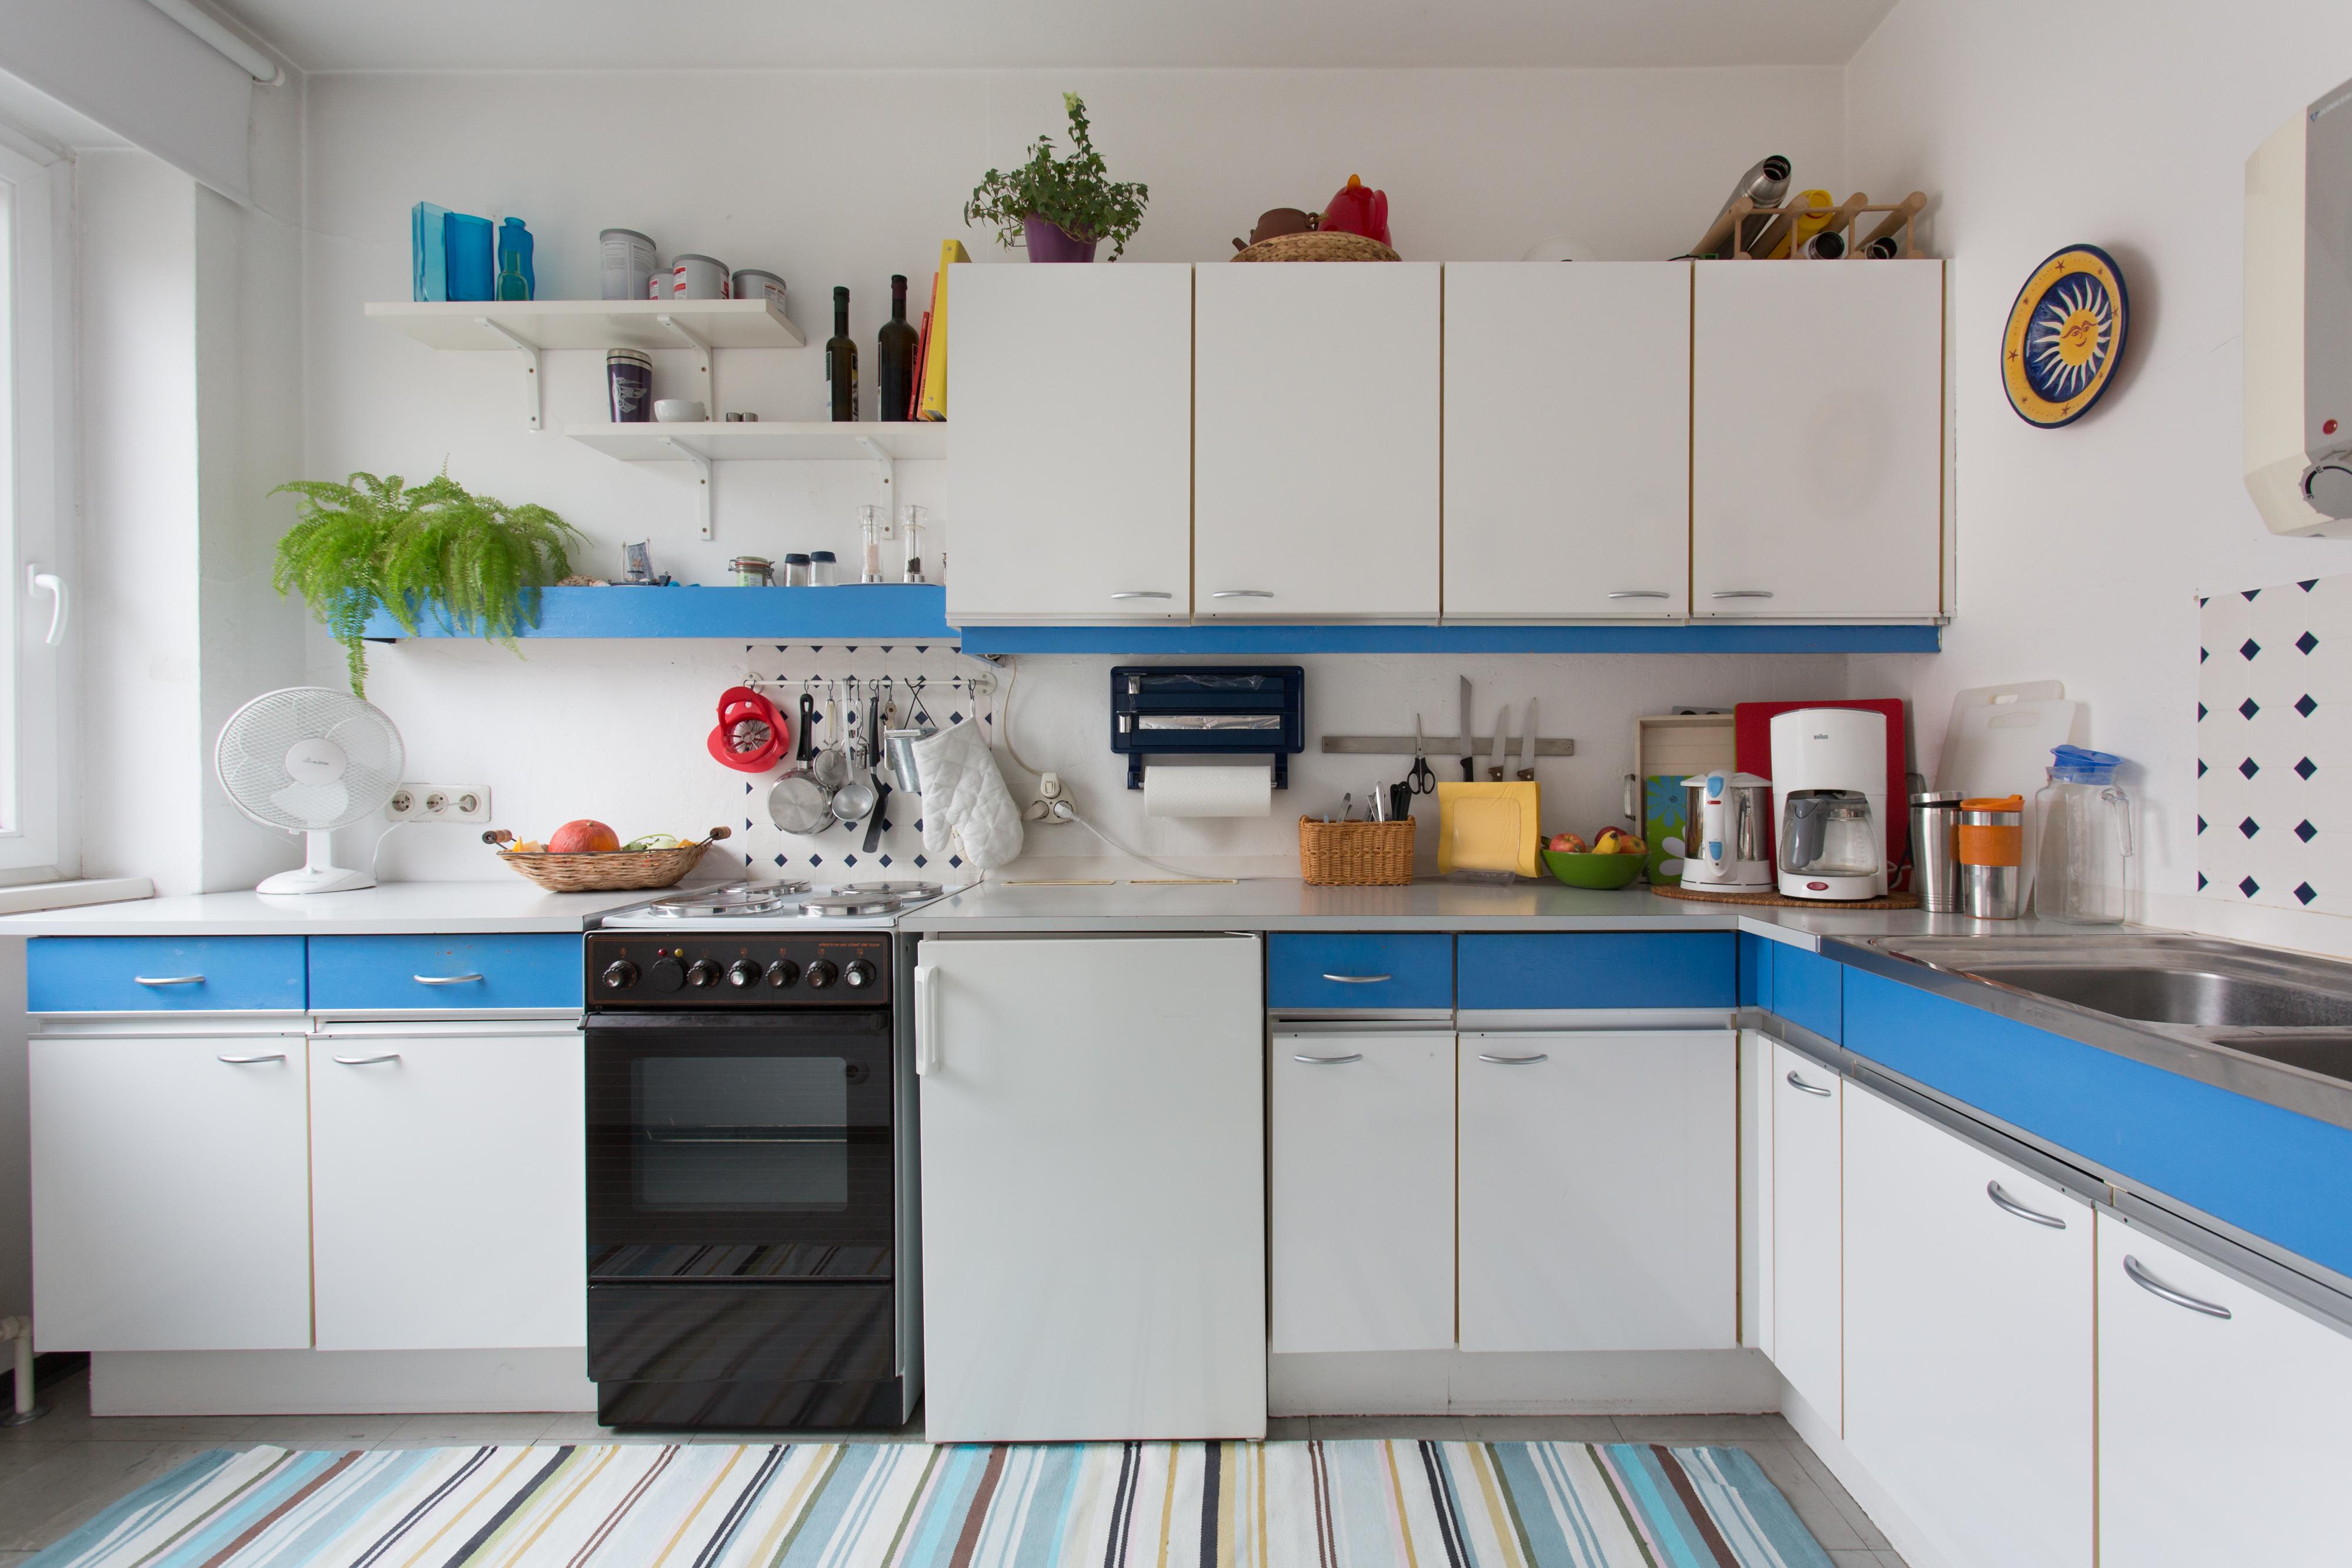 Bevorzugt Küchengeschichte und Kitchenstory vom Küchenstudio Salzburg - Küche&Co FJ35